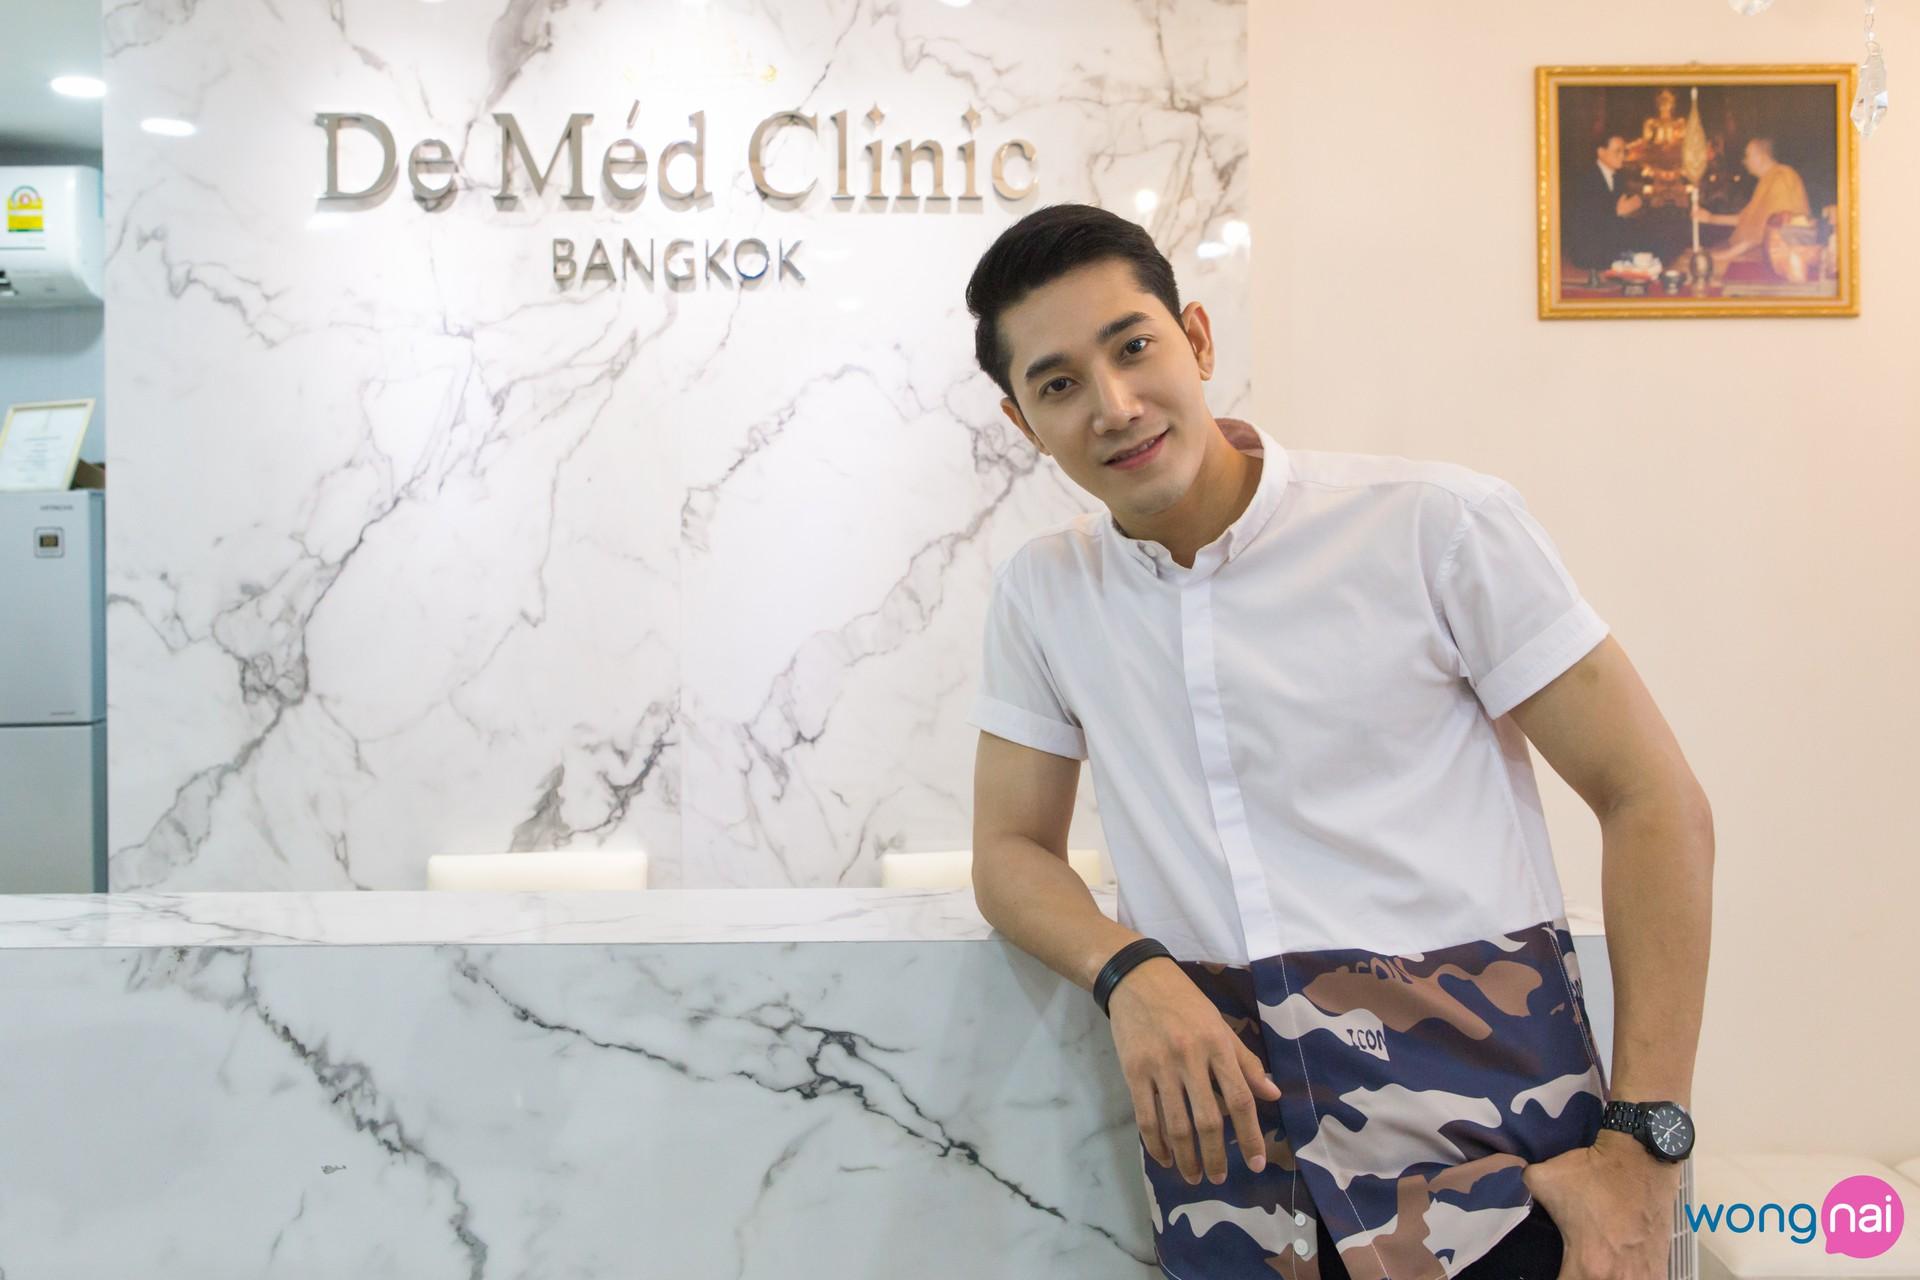 Double Whitening Laser Plus Program by De Med Clinic